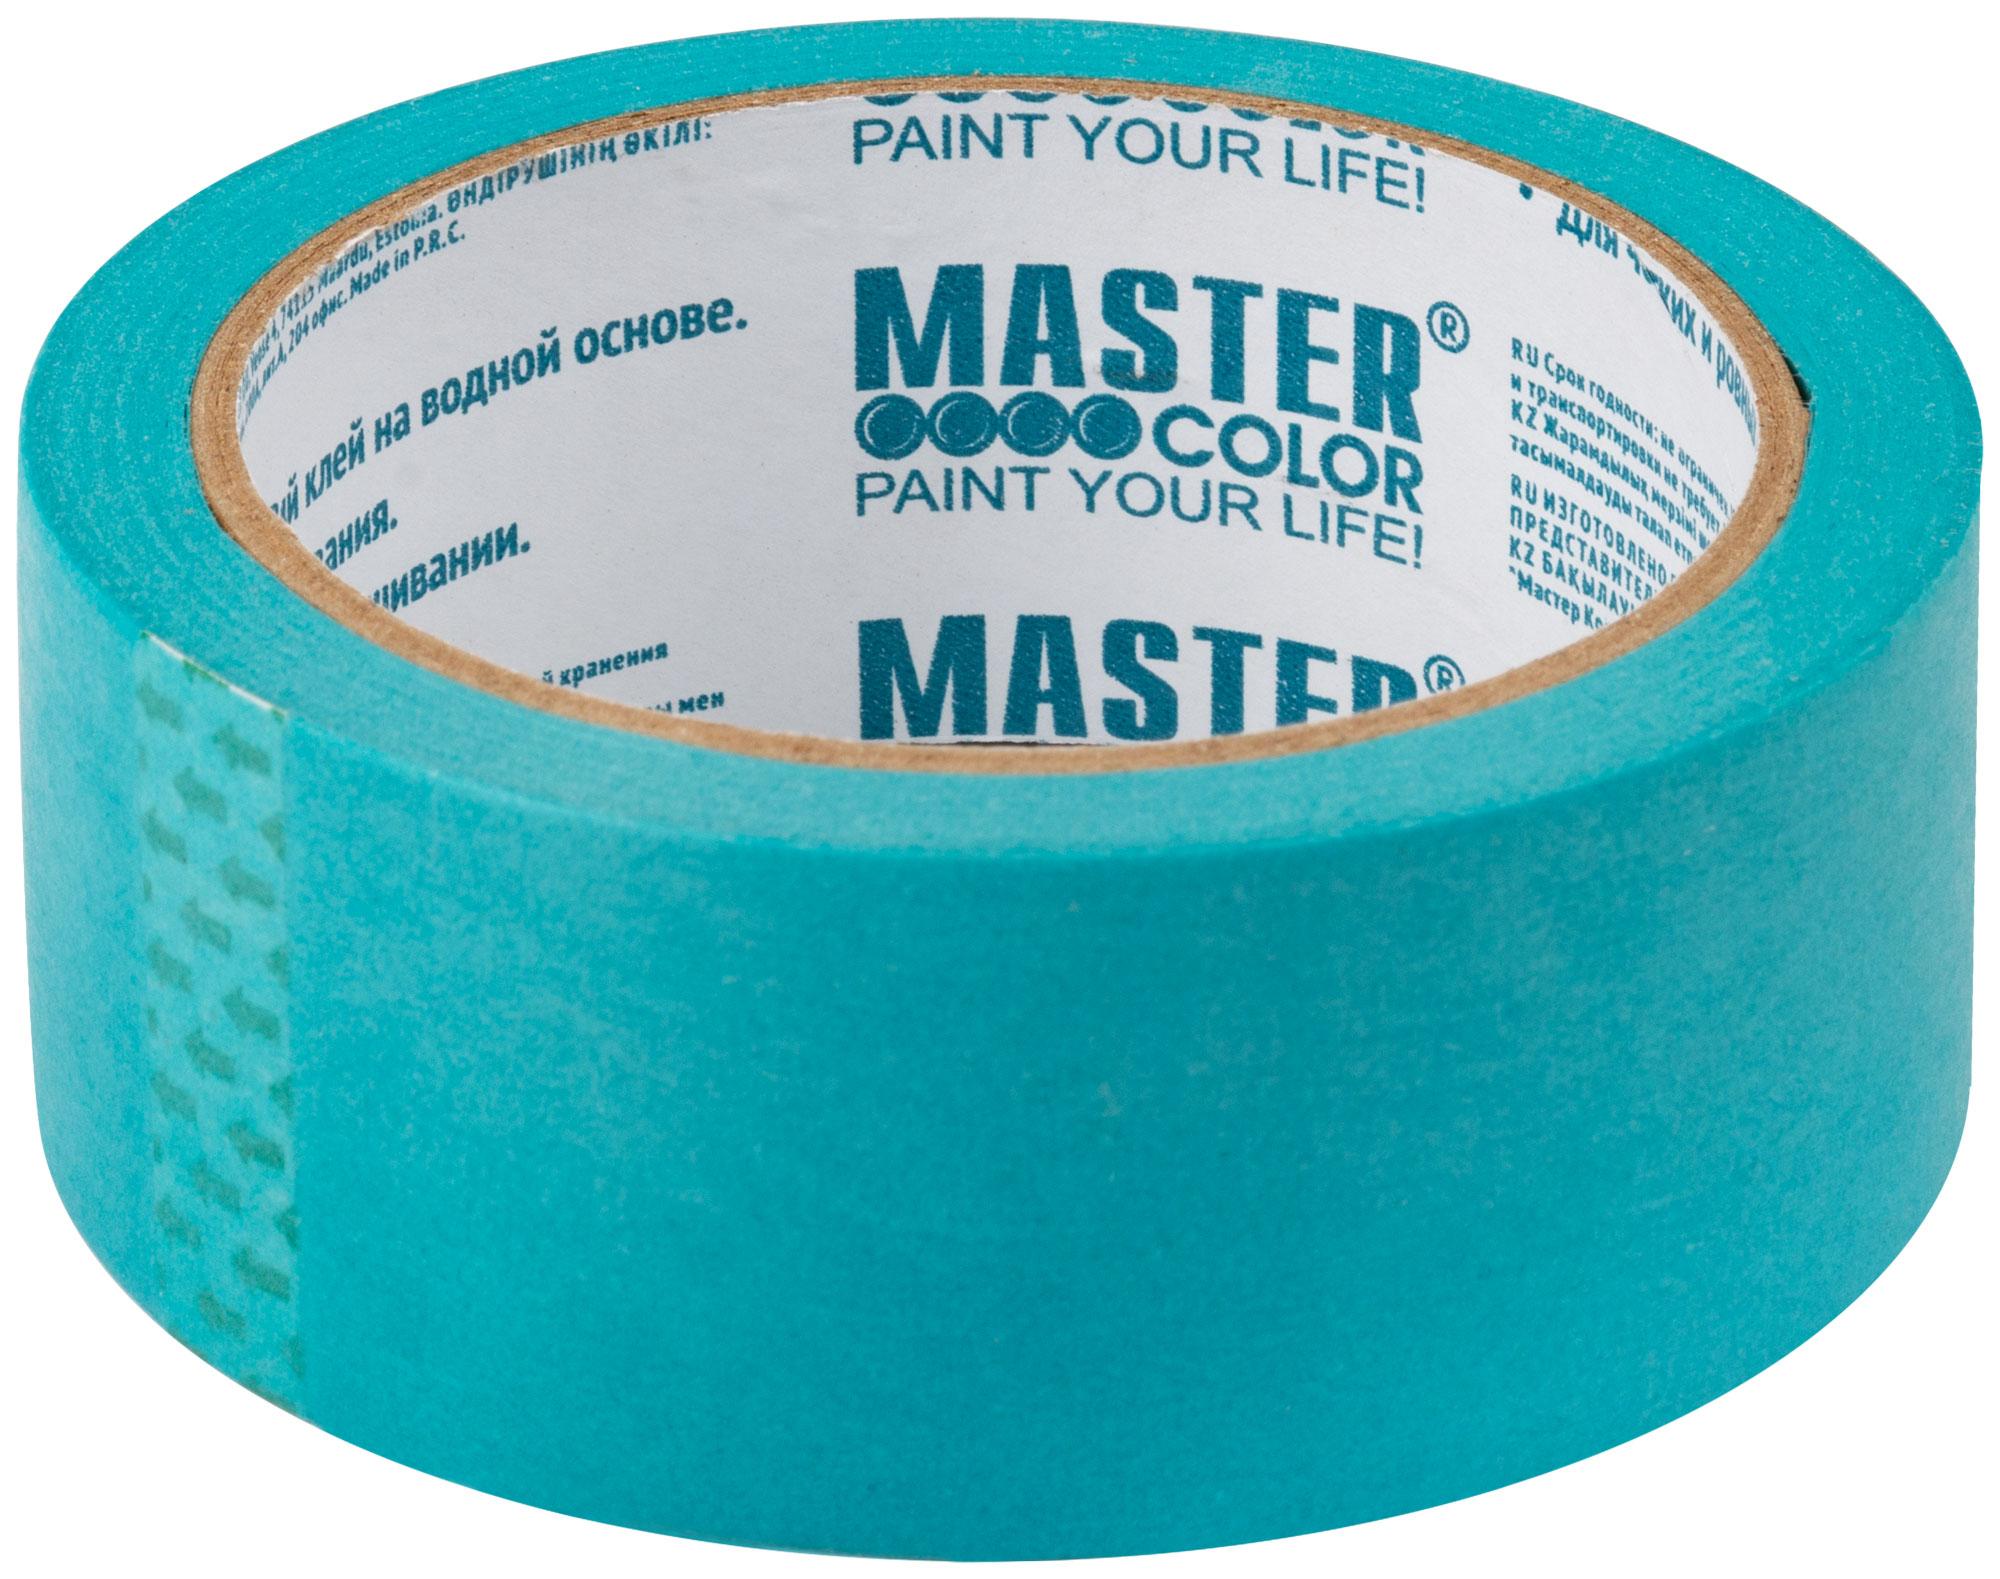 Лента малярная бумажная для деликатных поверхностей, 38 мм х 25 м  MC 30-6133